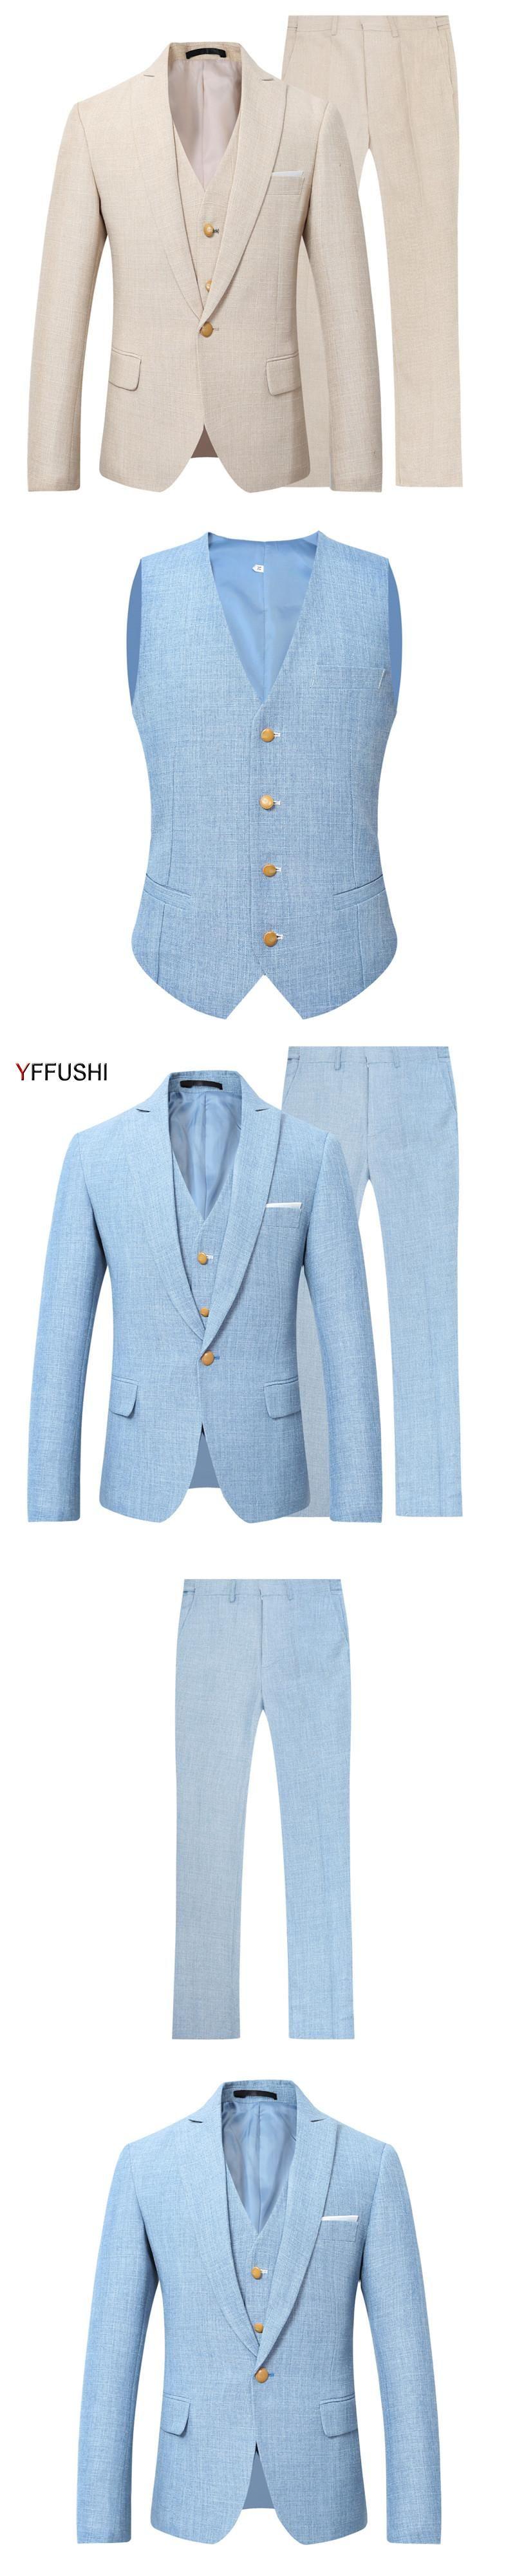 YFFUSHI New Men Suit Party Dress Blue Wedding Suits for Men Tuxedo ...